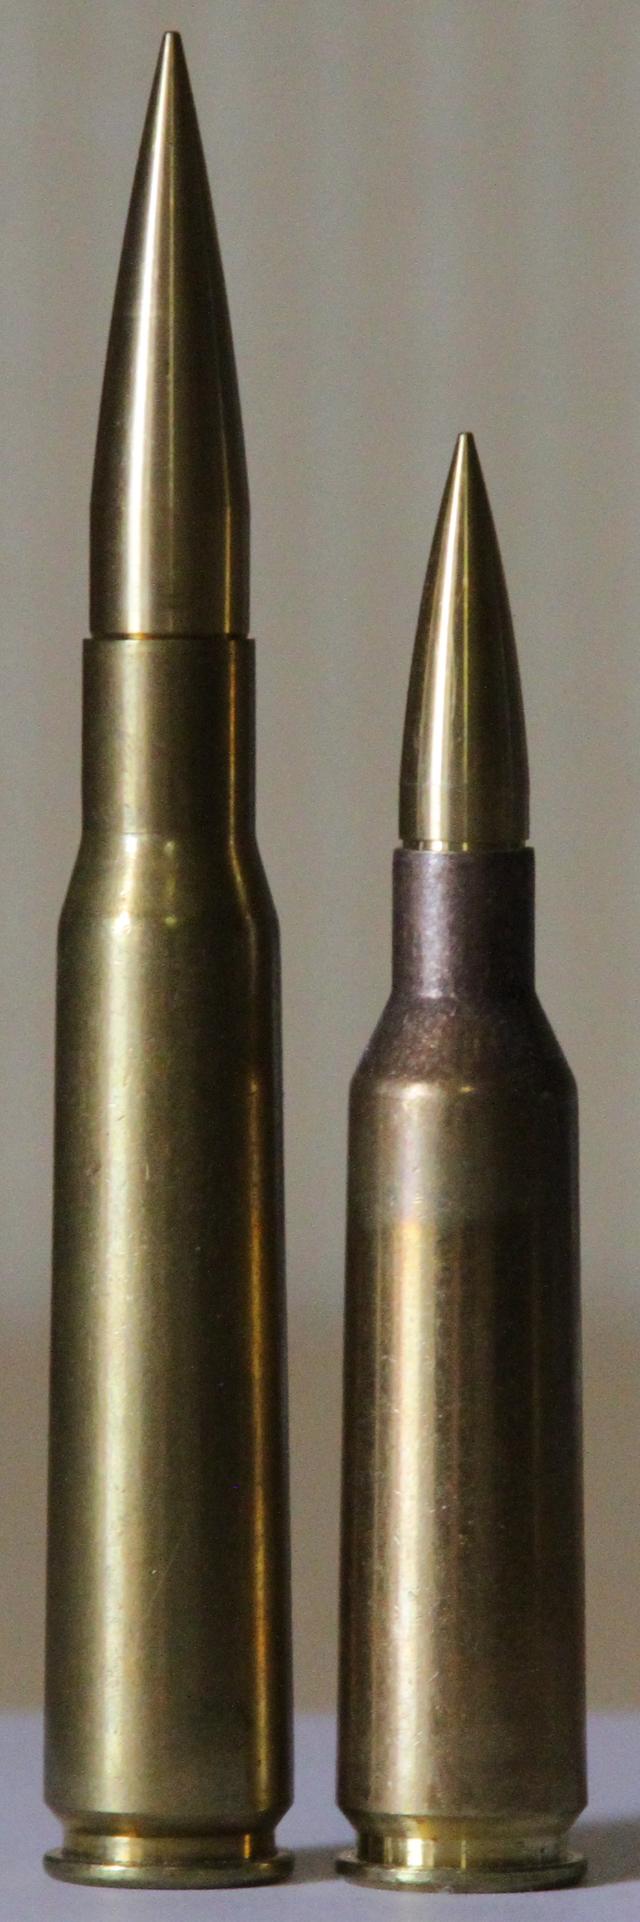 MenuReloading Press: .50 BMG (12.7x99mm)